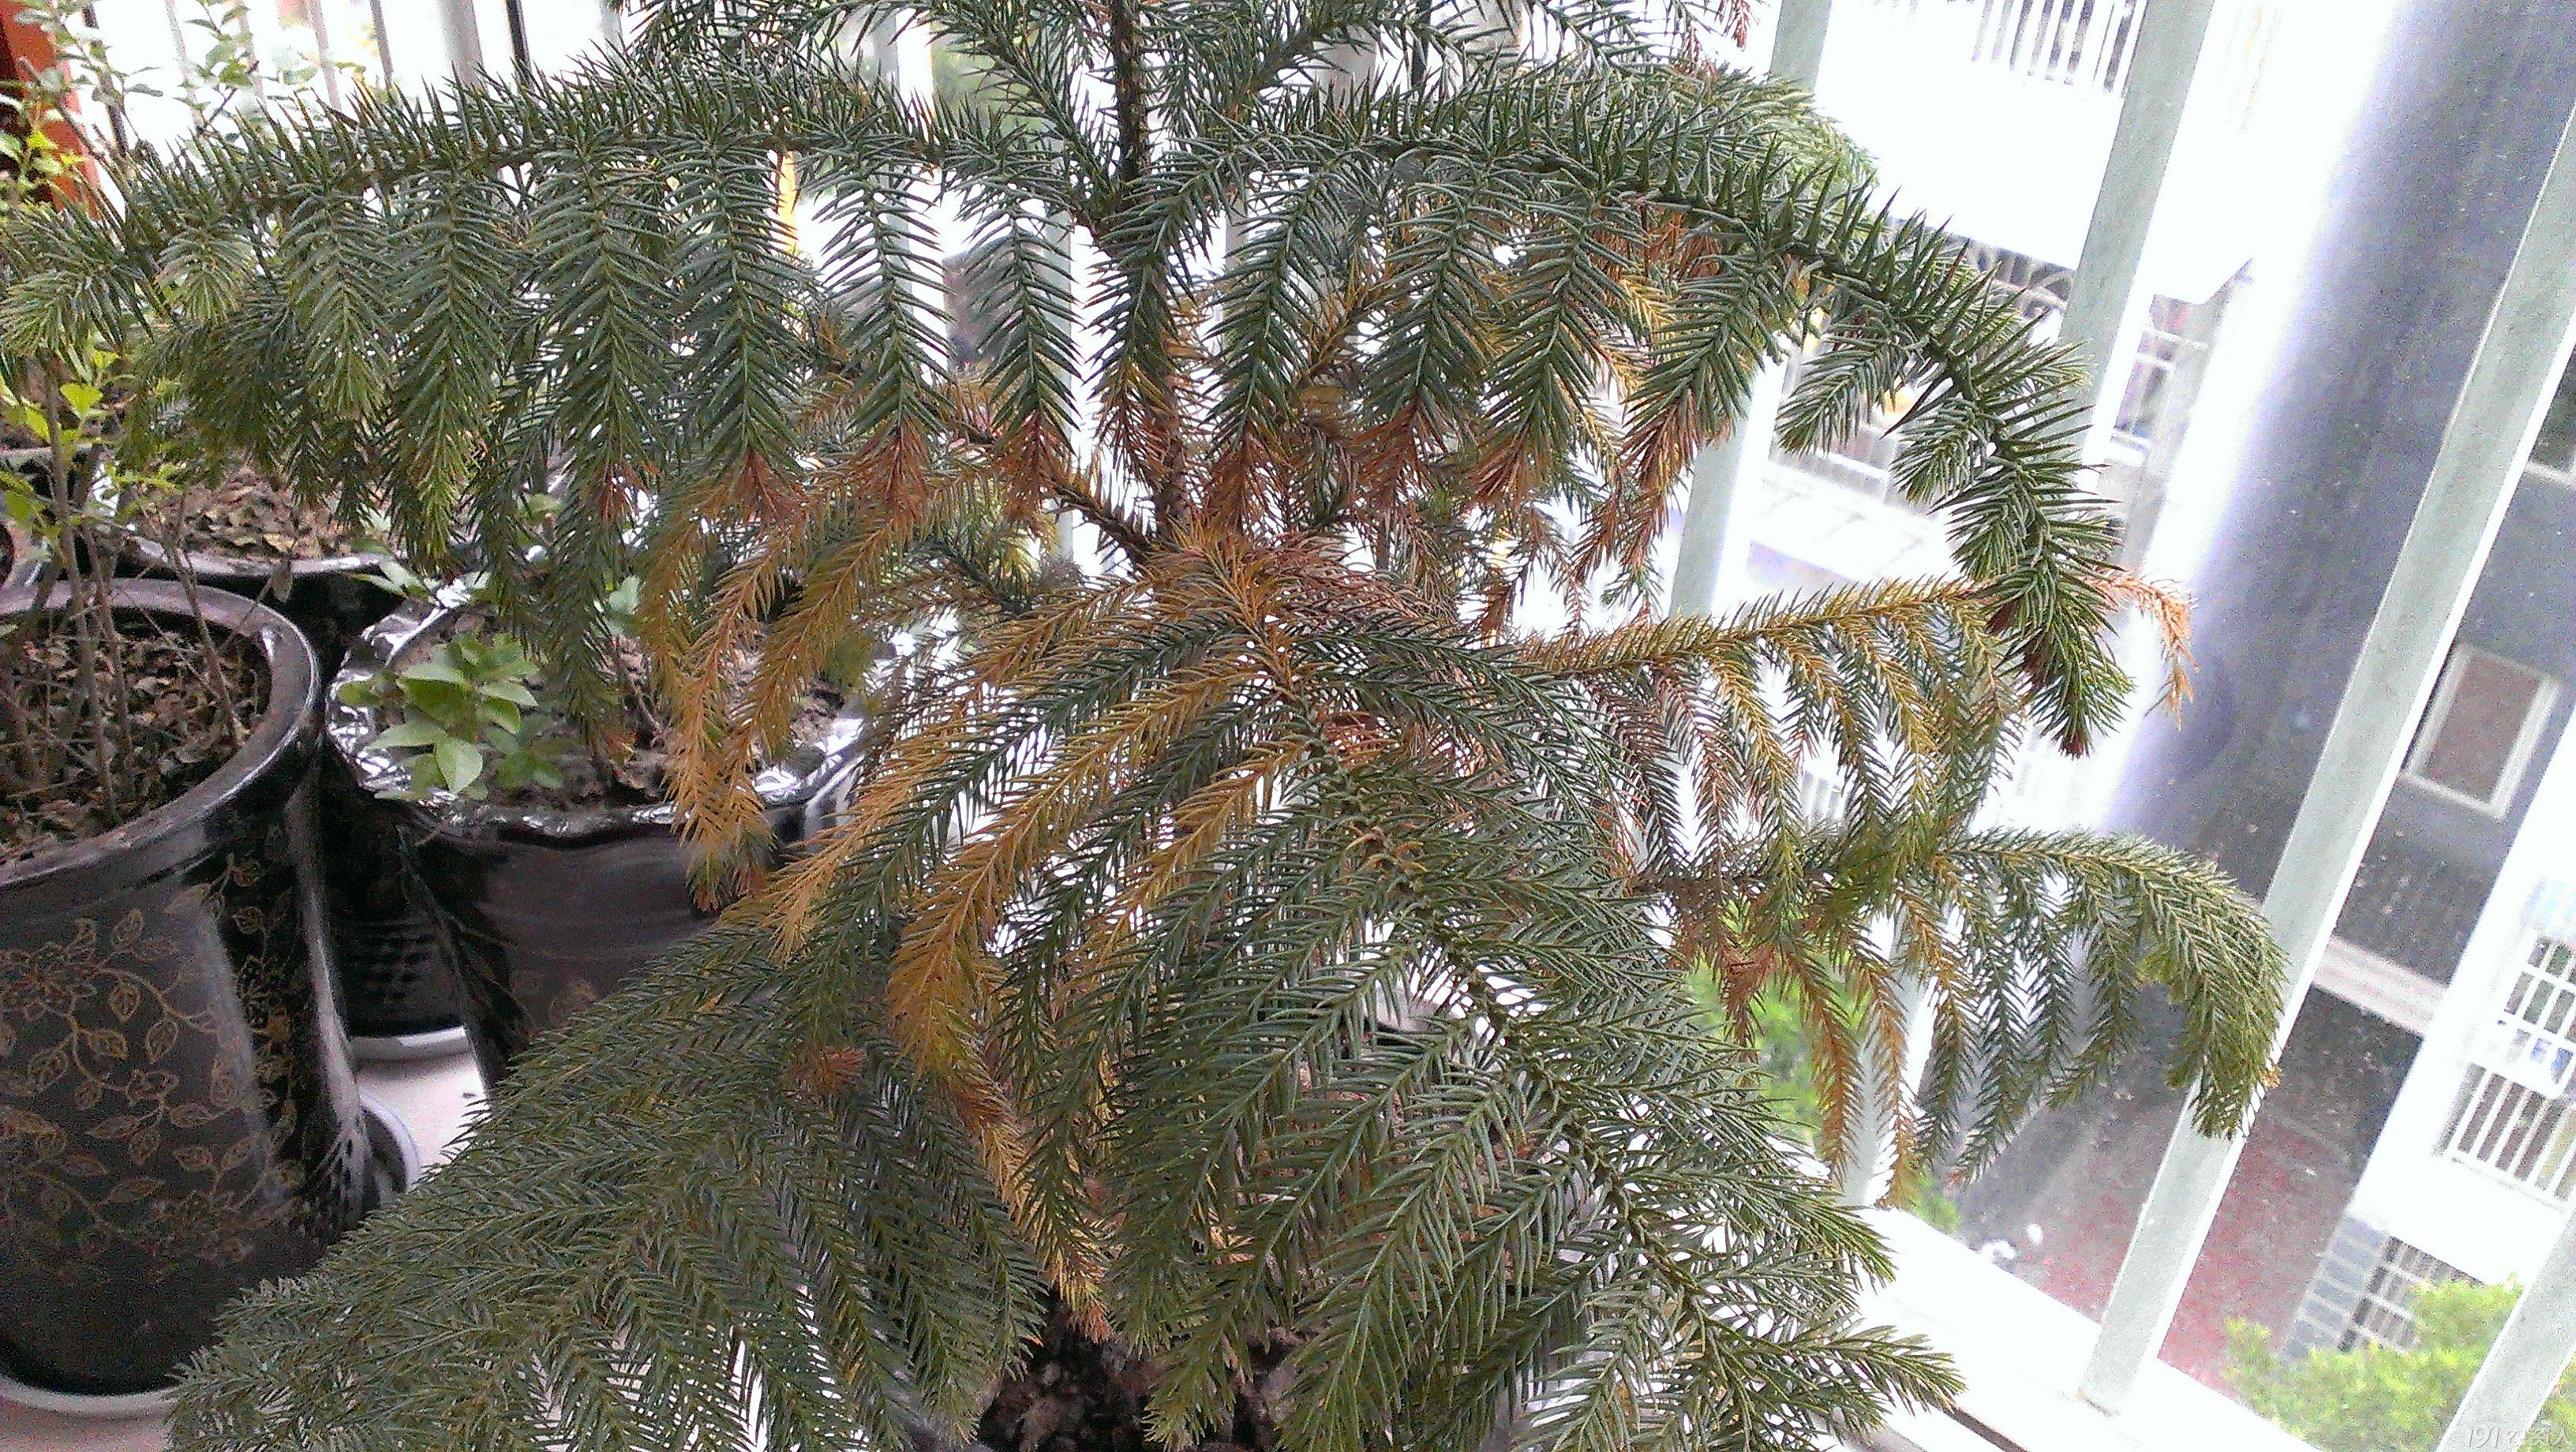 盆栽松树病害的治疗请教?